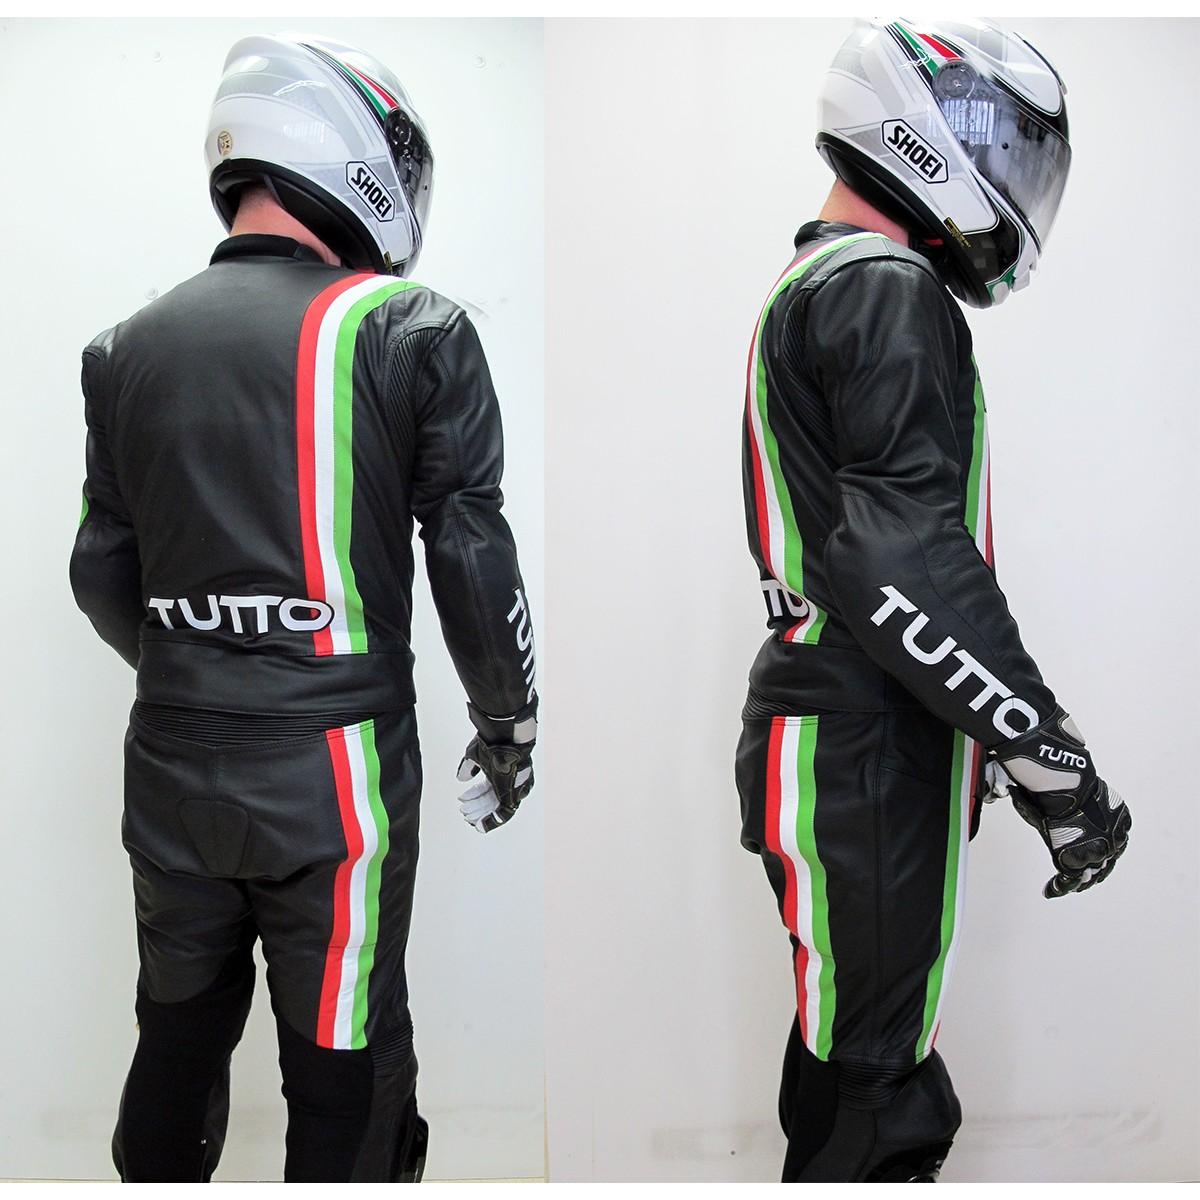 Macacão Tutto Moto Monza Itália 2 pçs - NOVO!  - Nova Suzuki Motos e Acessórios